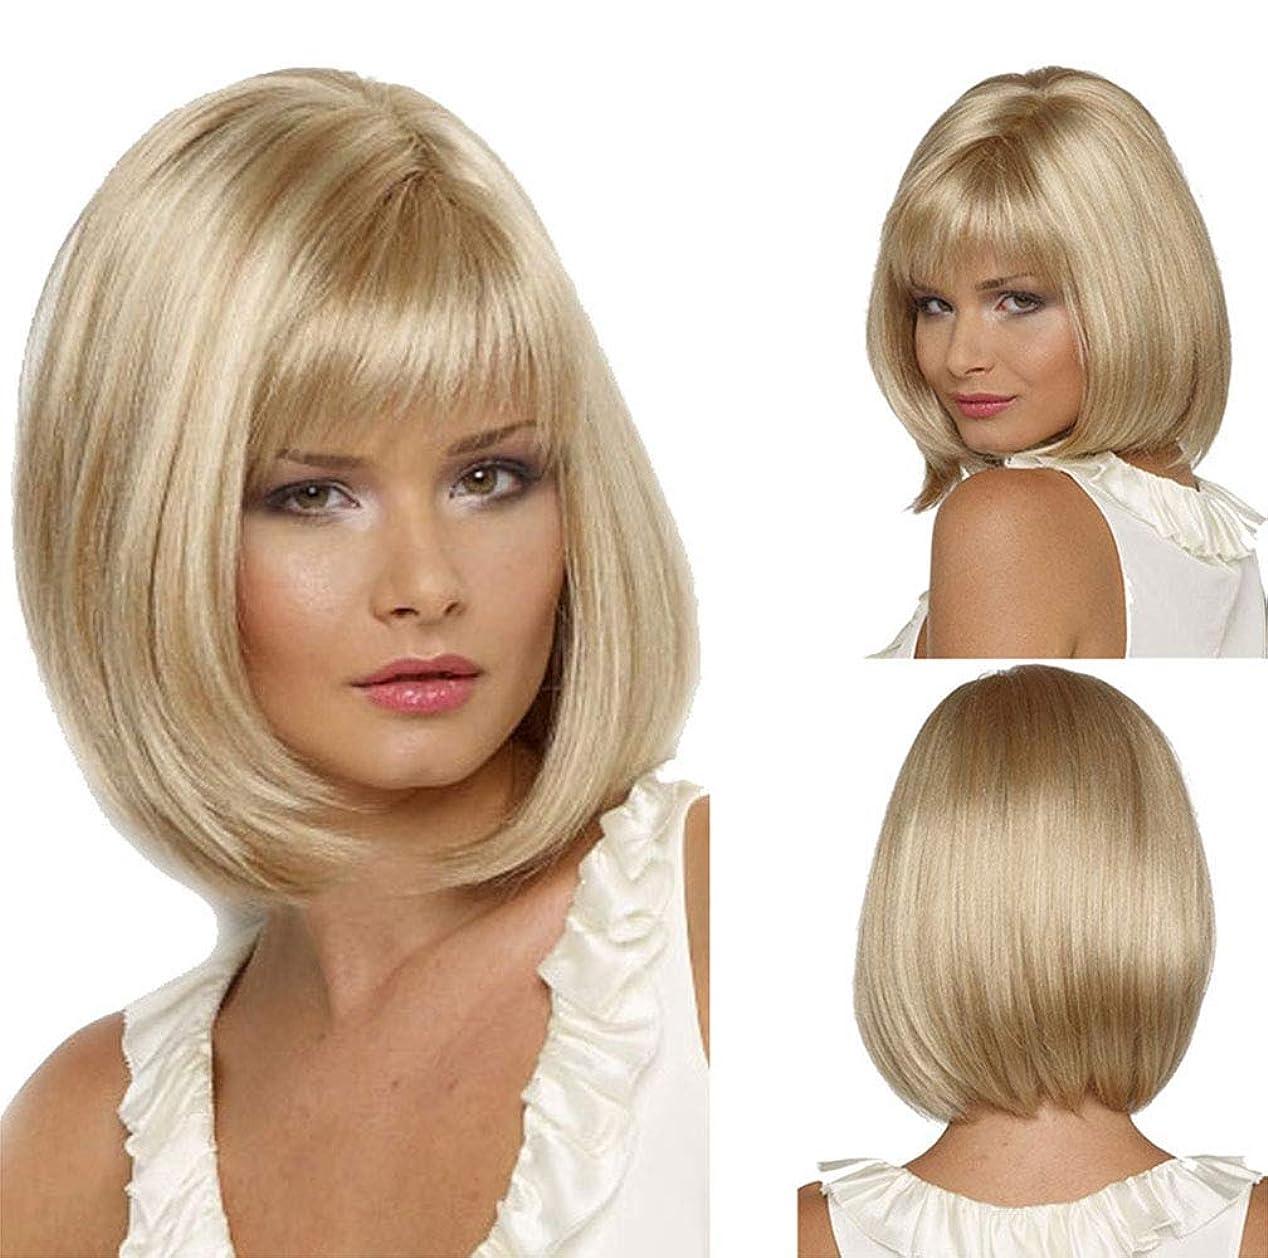 悲鳴アウター平方女性のかつら人毛合成耐熱繊維かつらPreplucked調整可能なキャップ150%密度